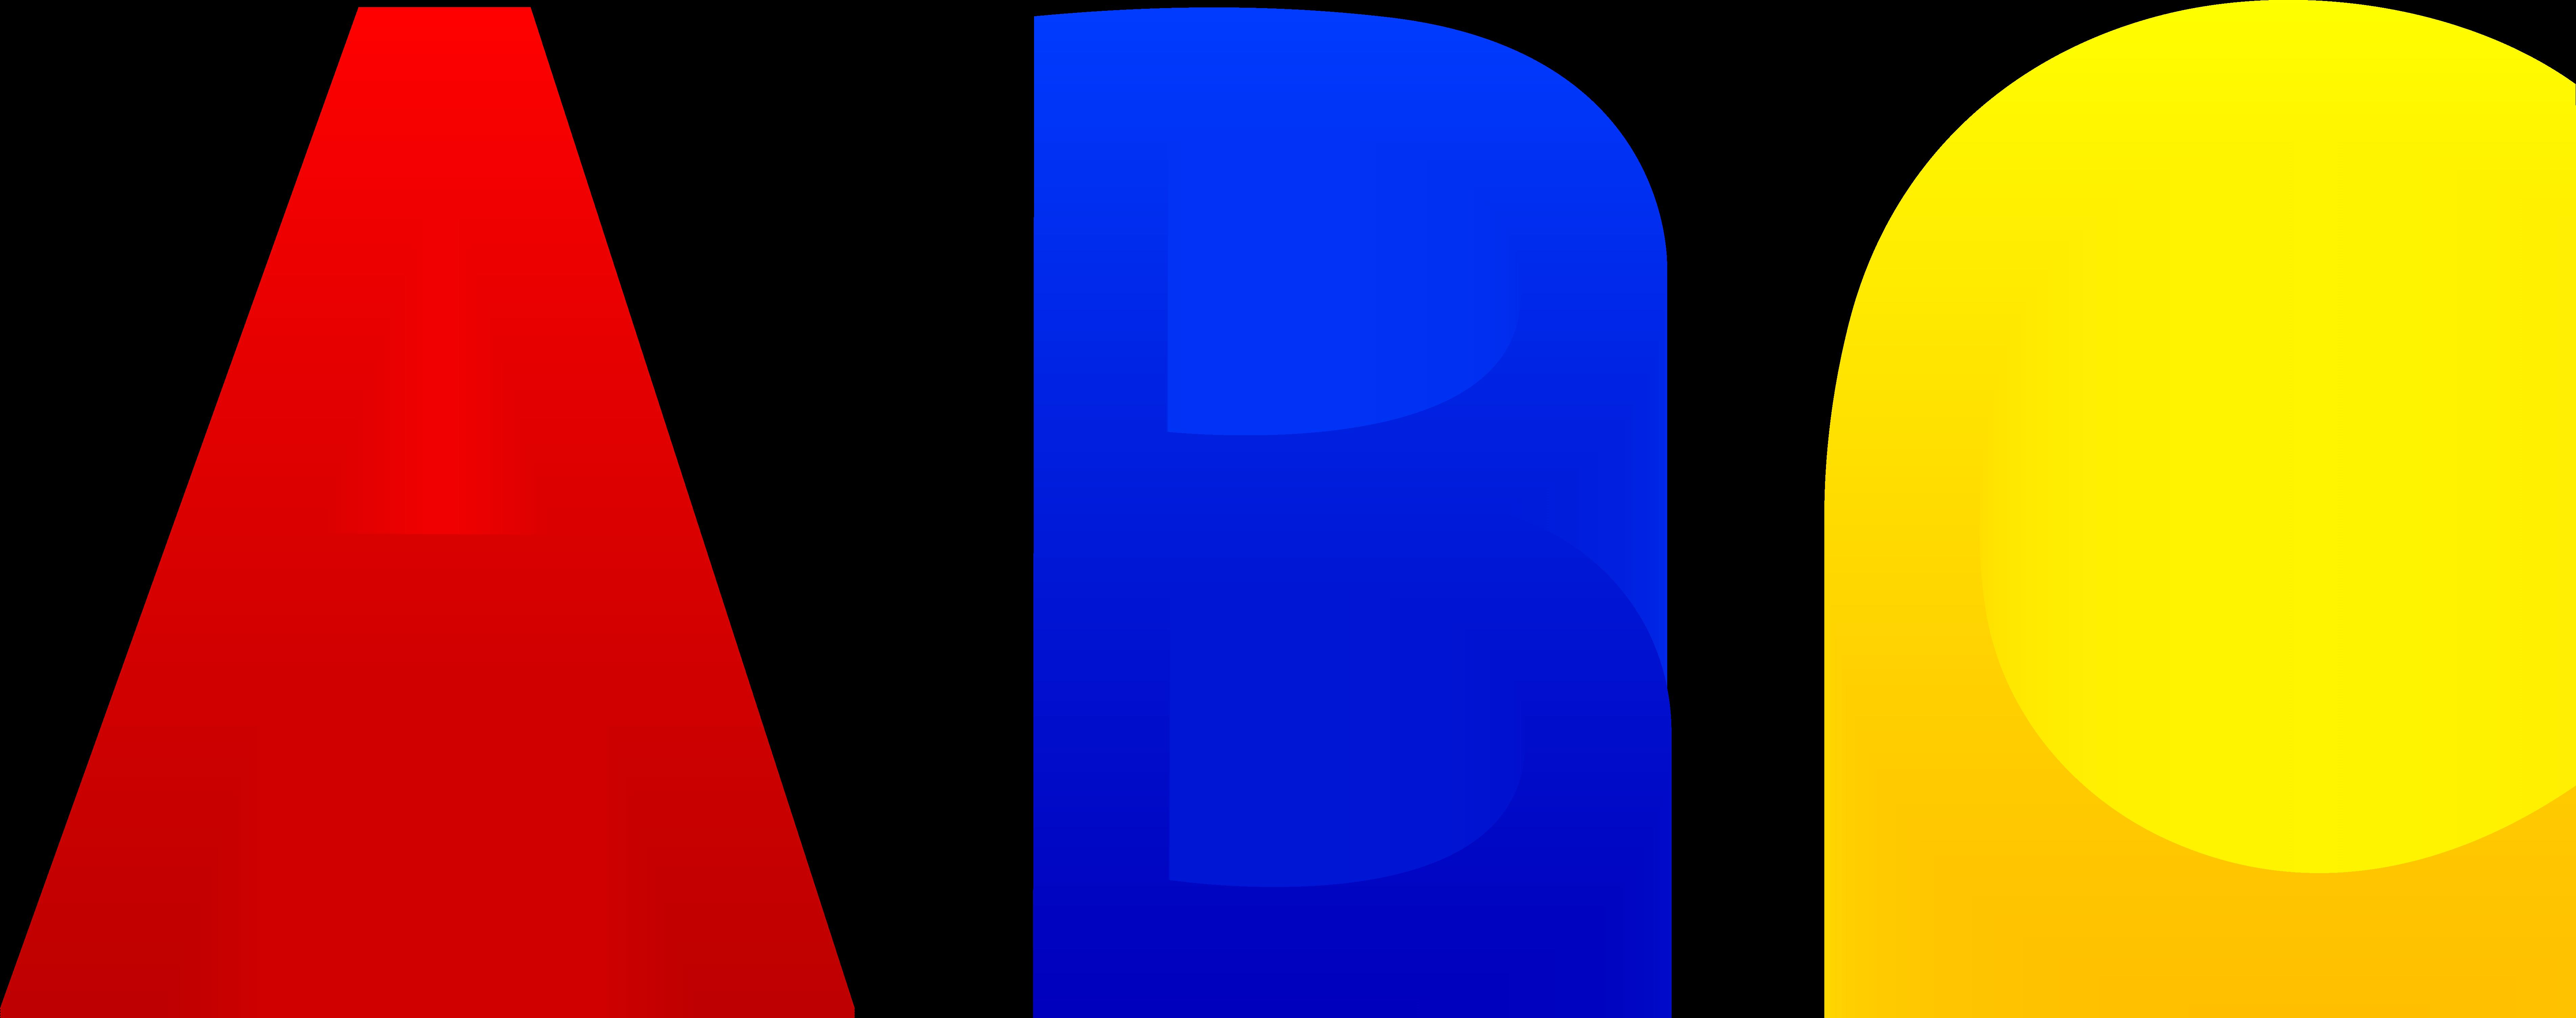 7608x3008 Abc Alphabet Letters